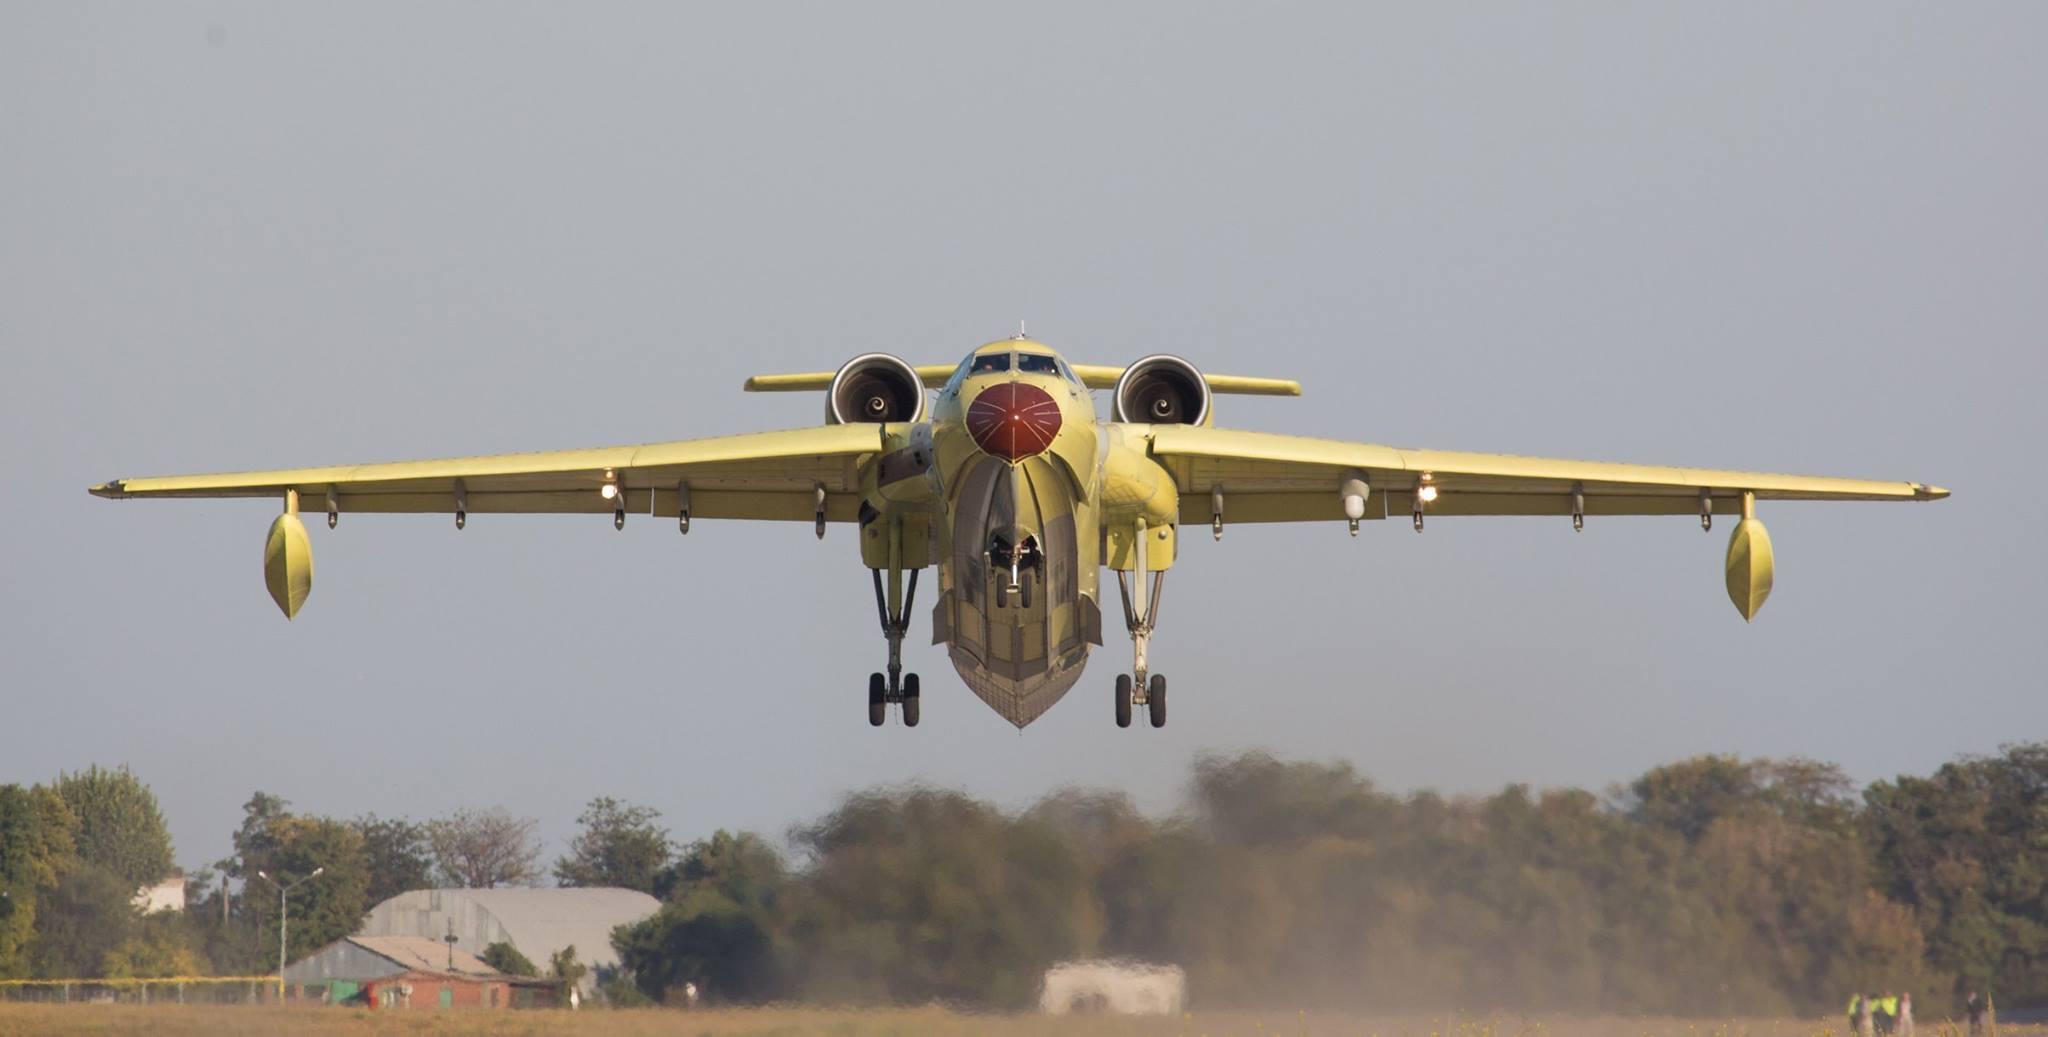 Заключено соглашение о поставке в Китай двух самолетов-амфибий Бе-200